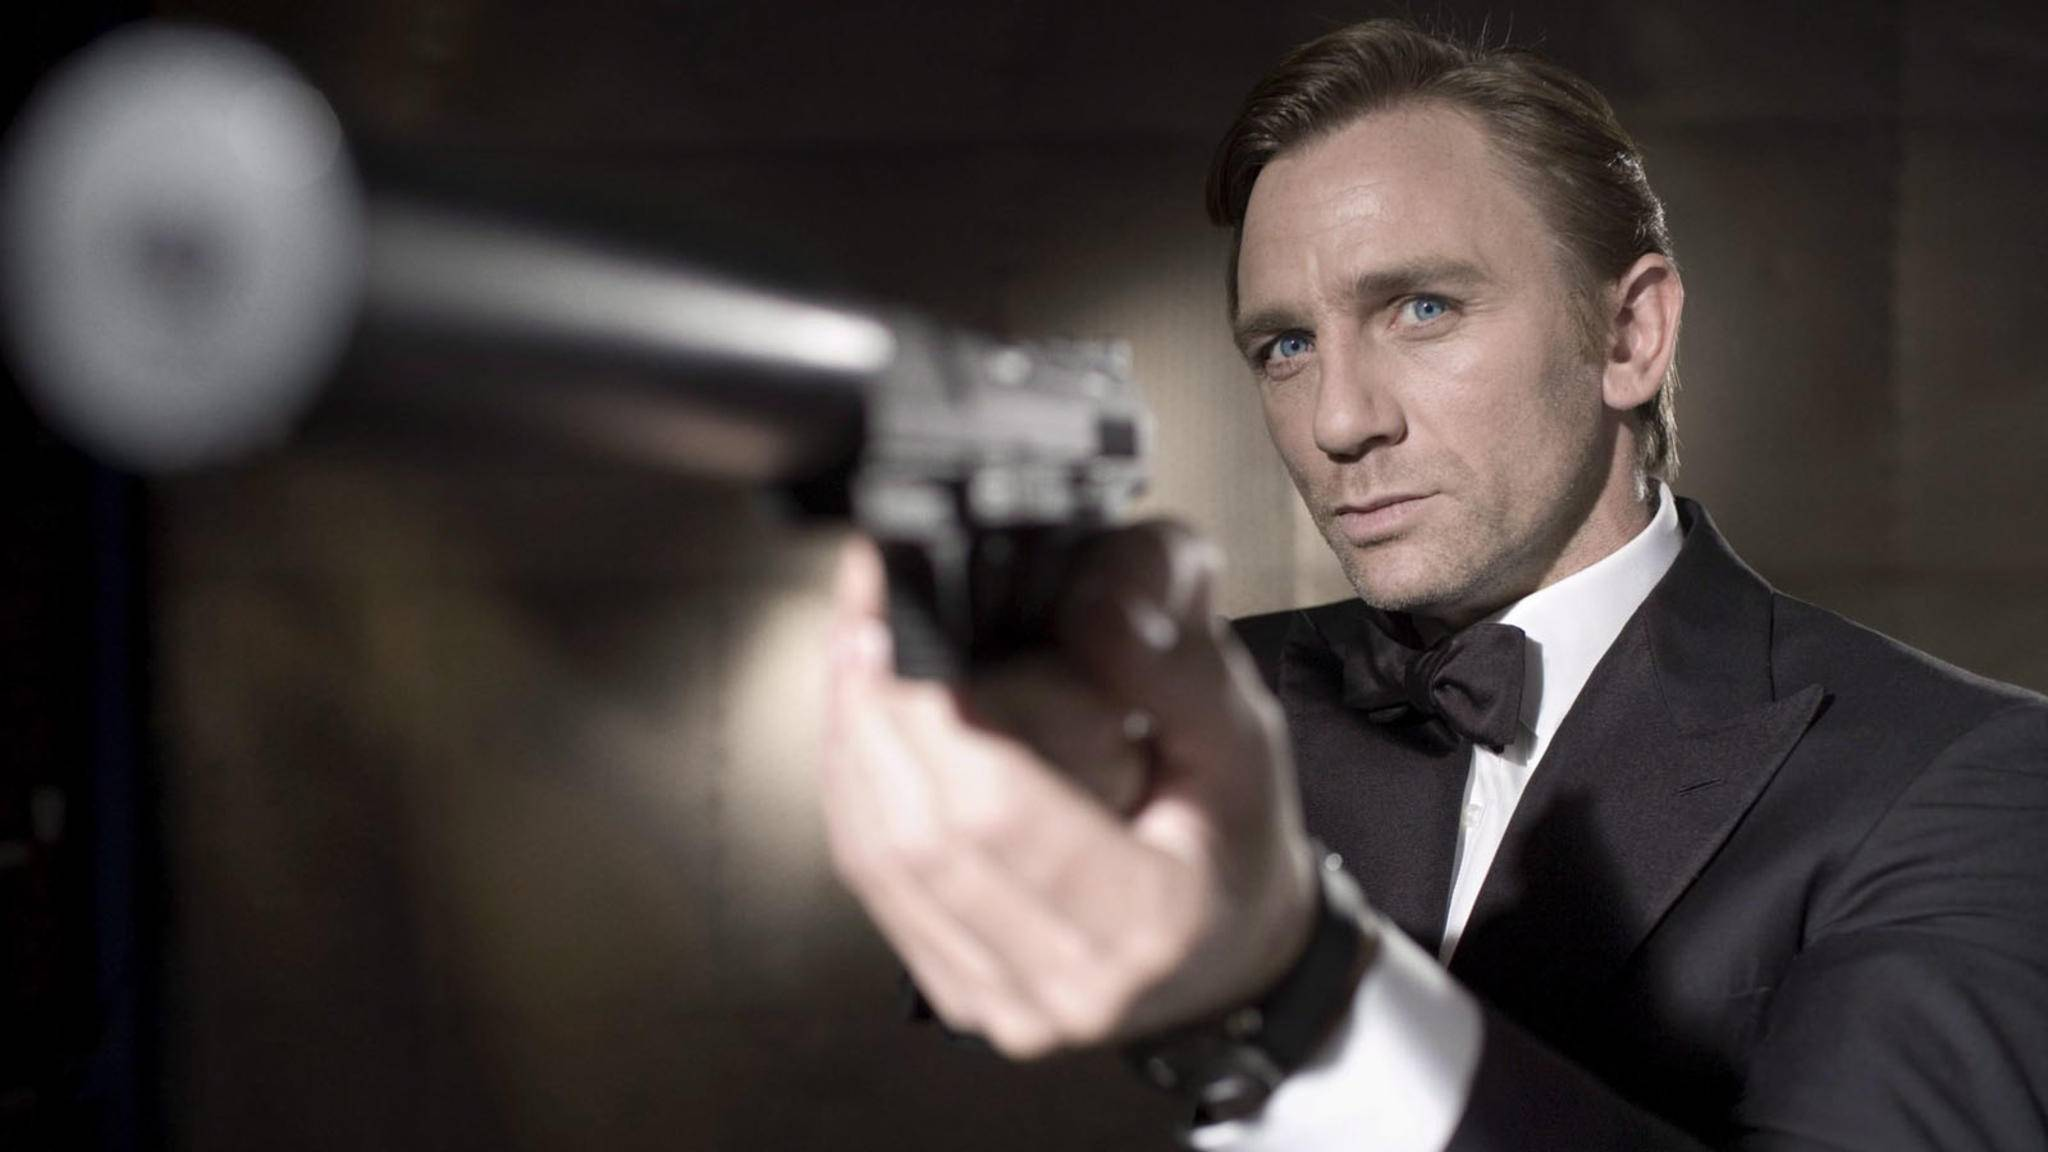 Im 24. Bond-Teil stand Daniel Craig noch als James Bond vor der Kamera. Wer wird demnächst sein Nachfolger?